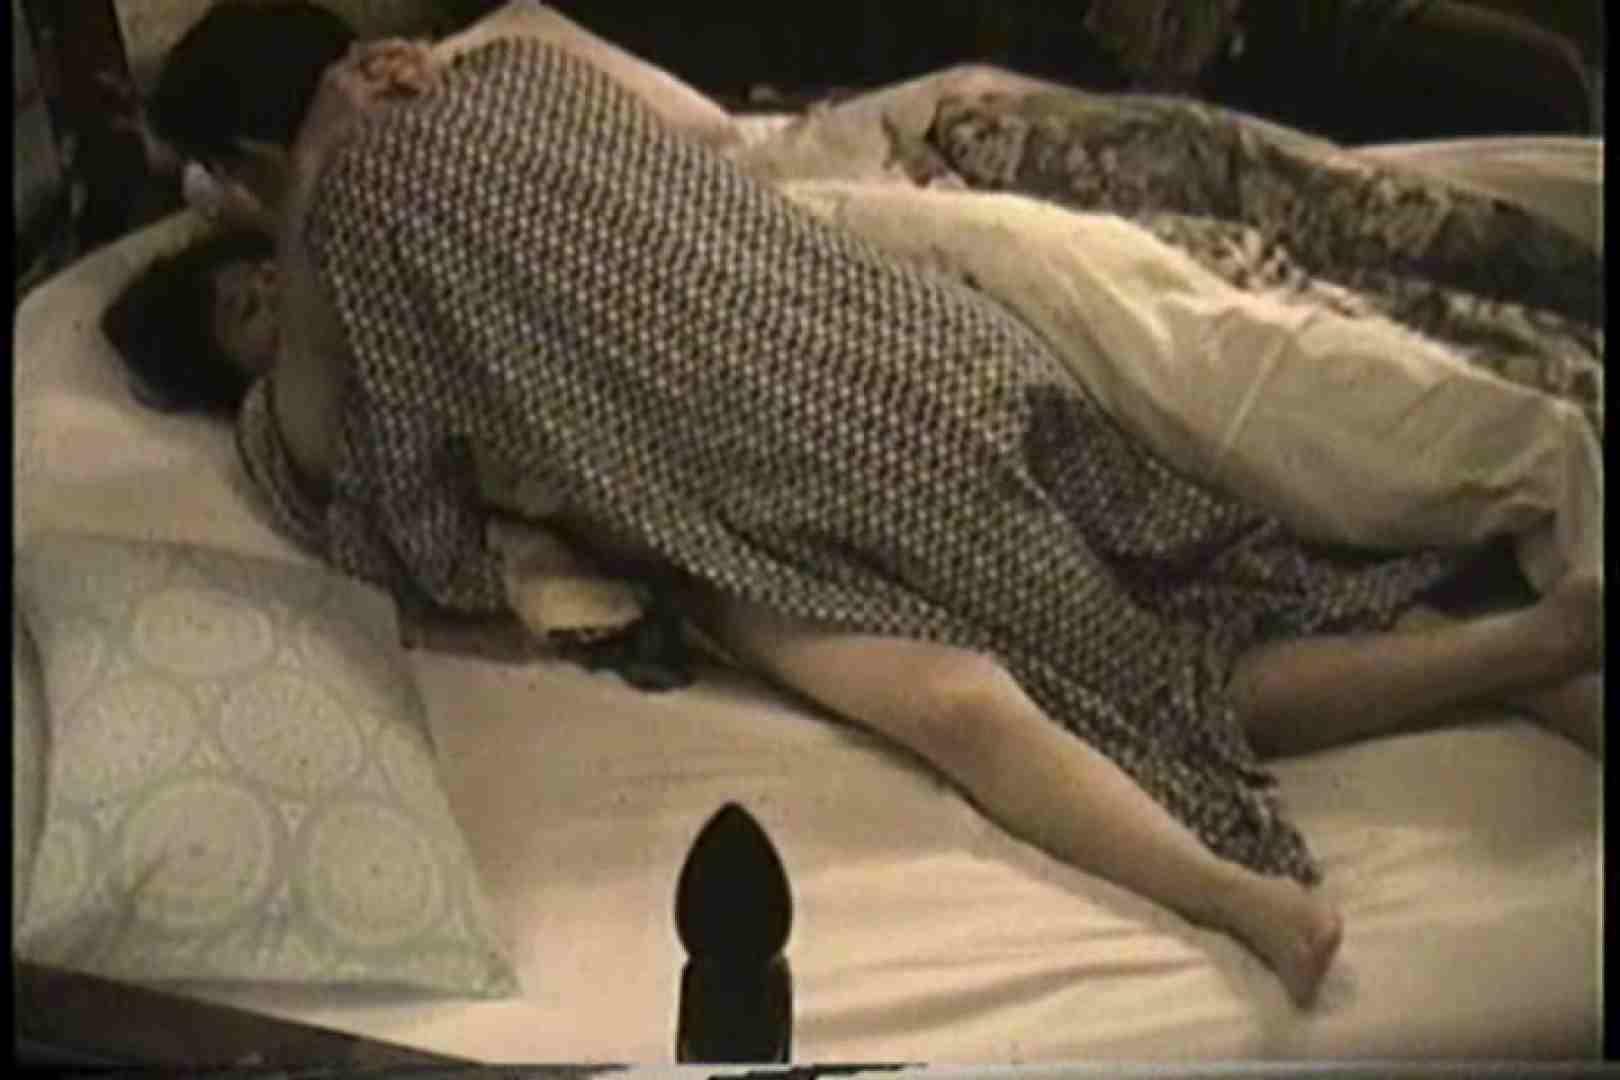 実録!ラブホテル~消し忘れ注意!昭和の色編~ vol.21 ホテルでエッチ セックス無修正動画無料 107PIX 14